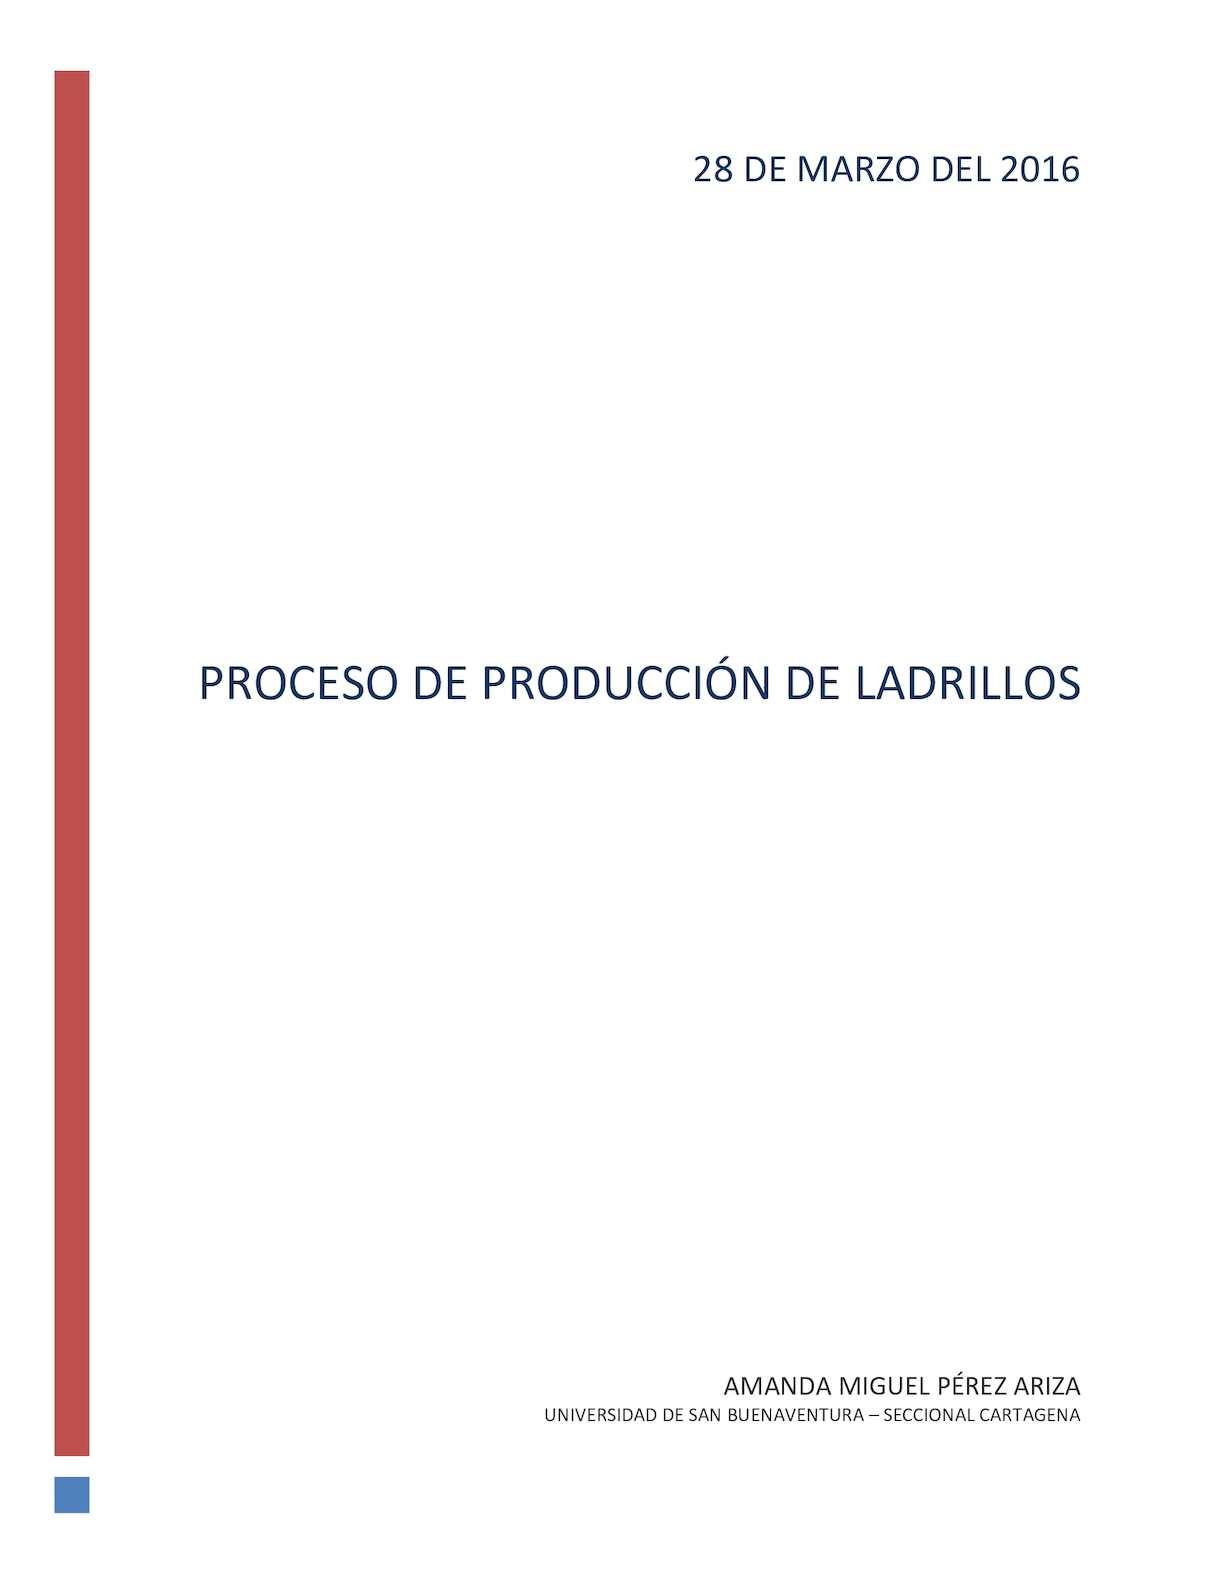 Proceso De Produccion De Ladrillos